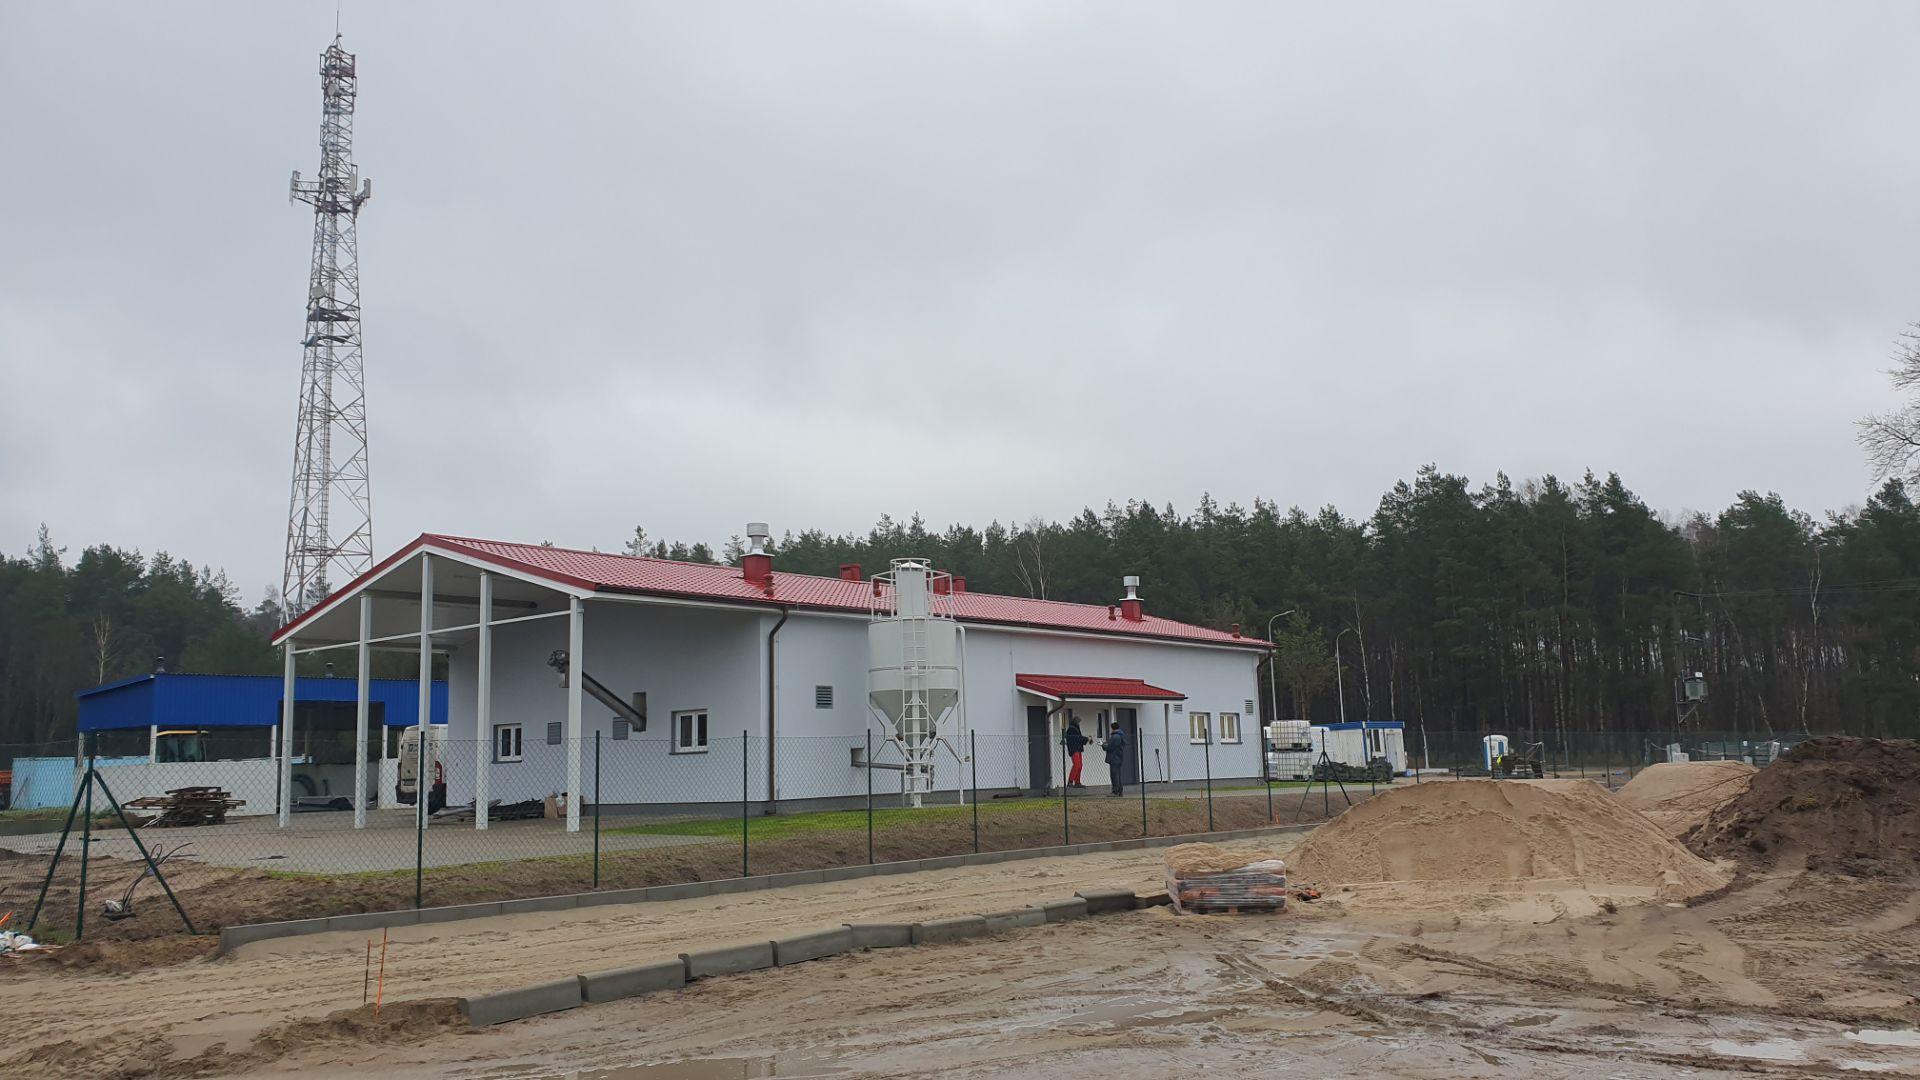 Gmina Czarna Dąbrówka w ramach środków z #RFIL realizuje rozbudowę i modernizację oczyszczalni ścieków w Podkomorzycach. W ramach inwestycji przewiduje się budowę wszystkich istotnych węzłów technologicznych.